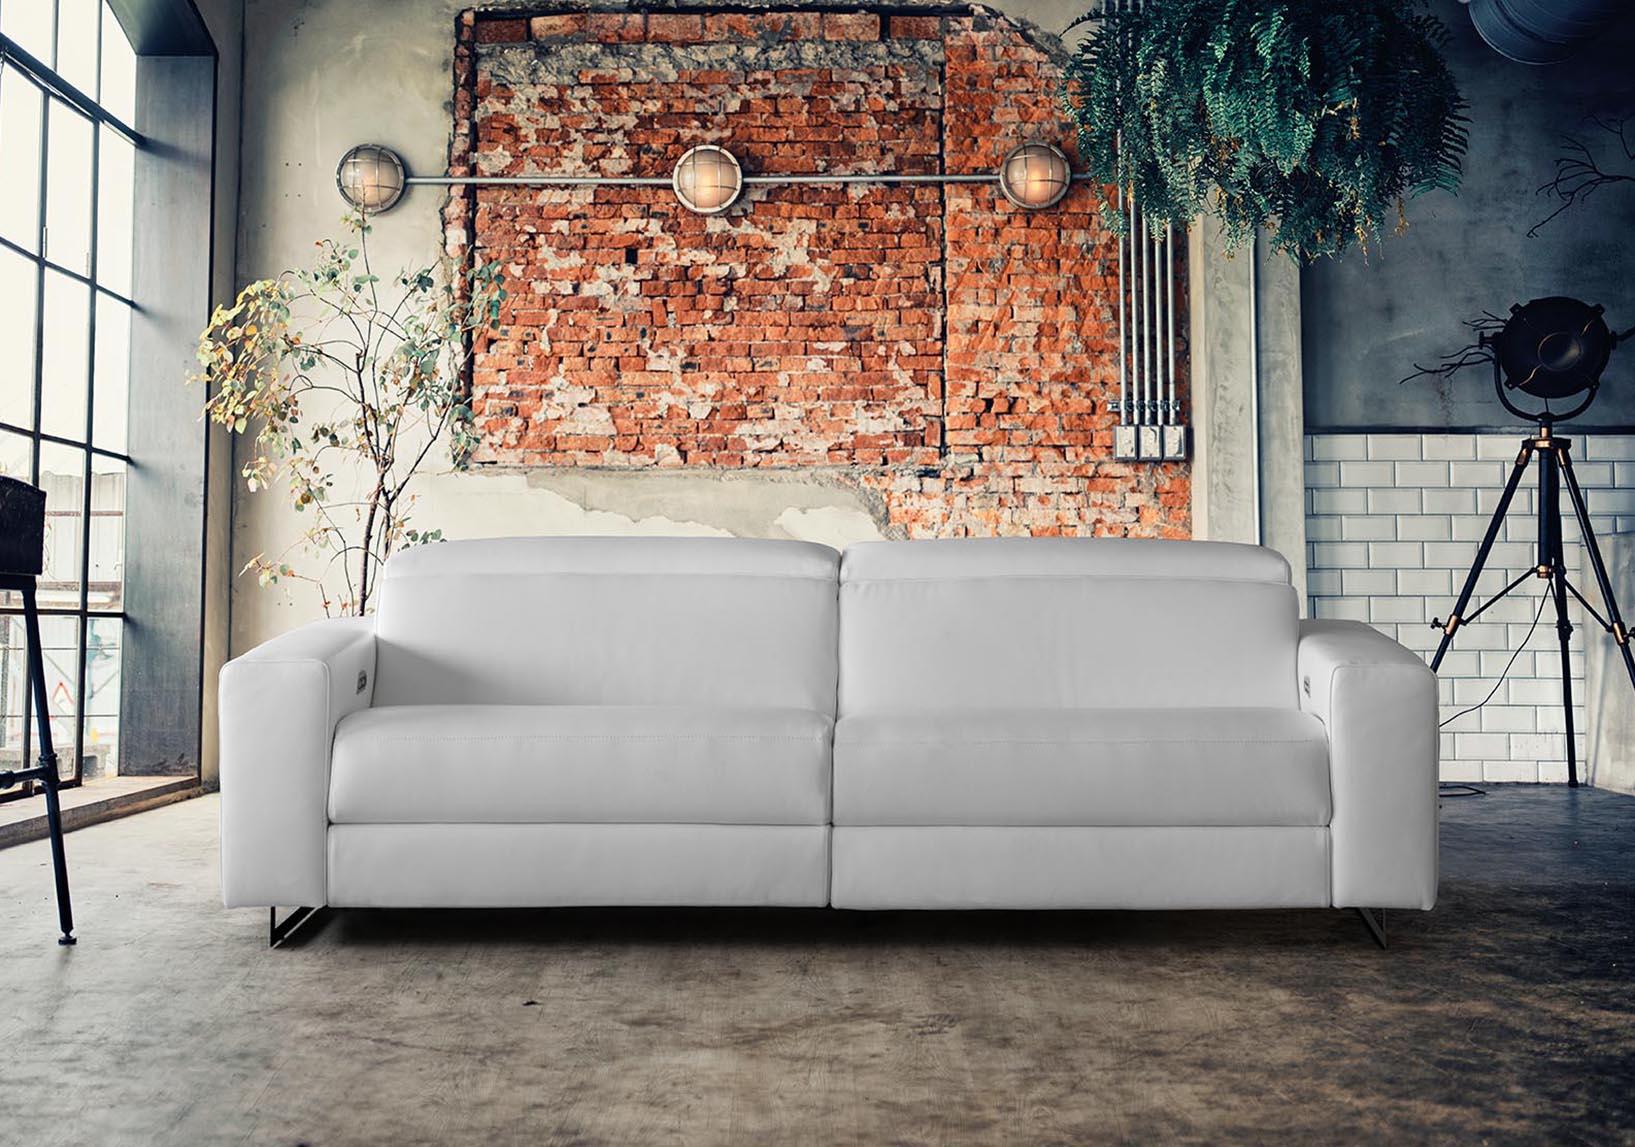 Comprar sofas baratos, Sofas baratos Madrid